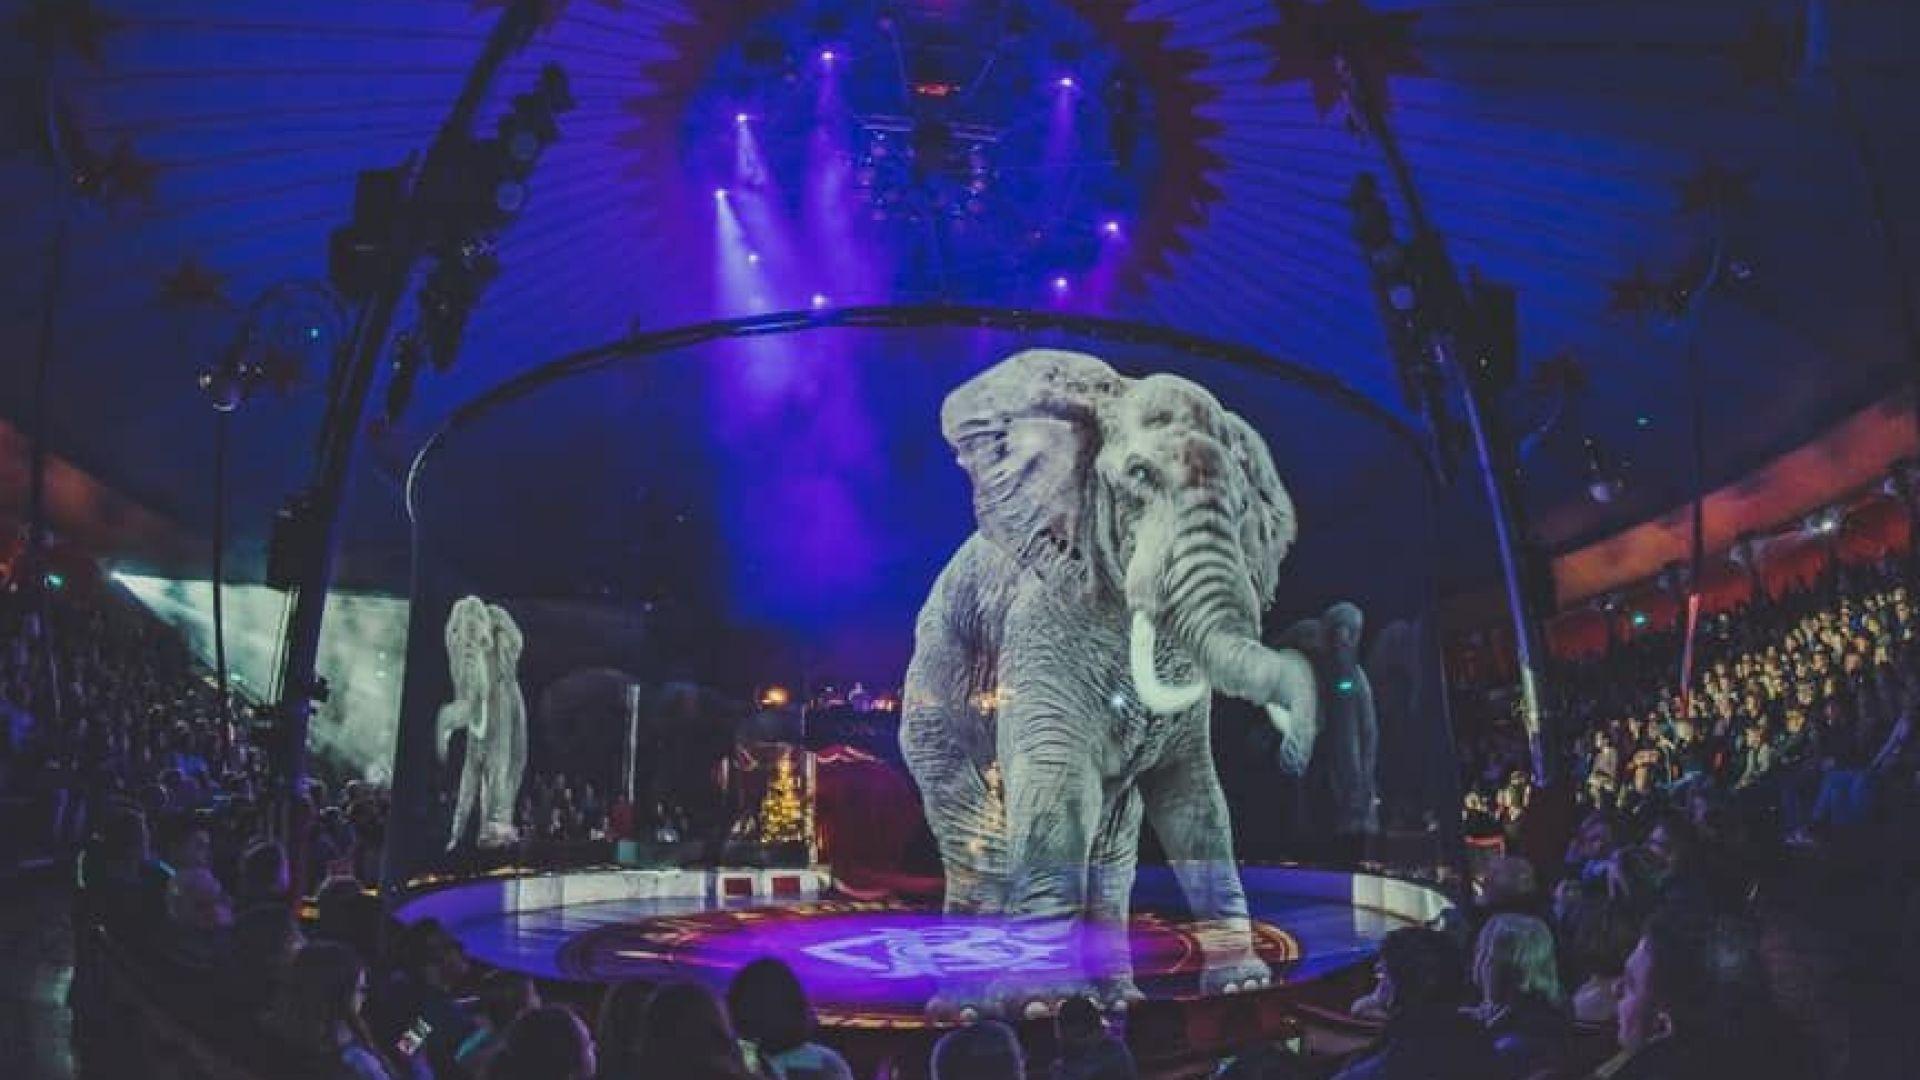 Замениха животните в цирк с техни холограми